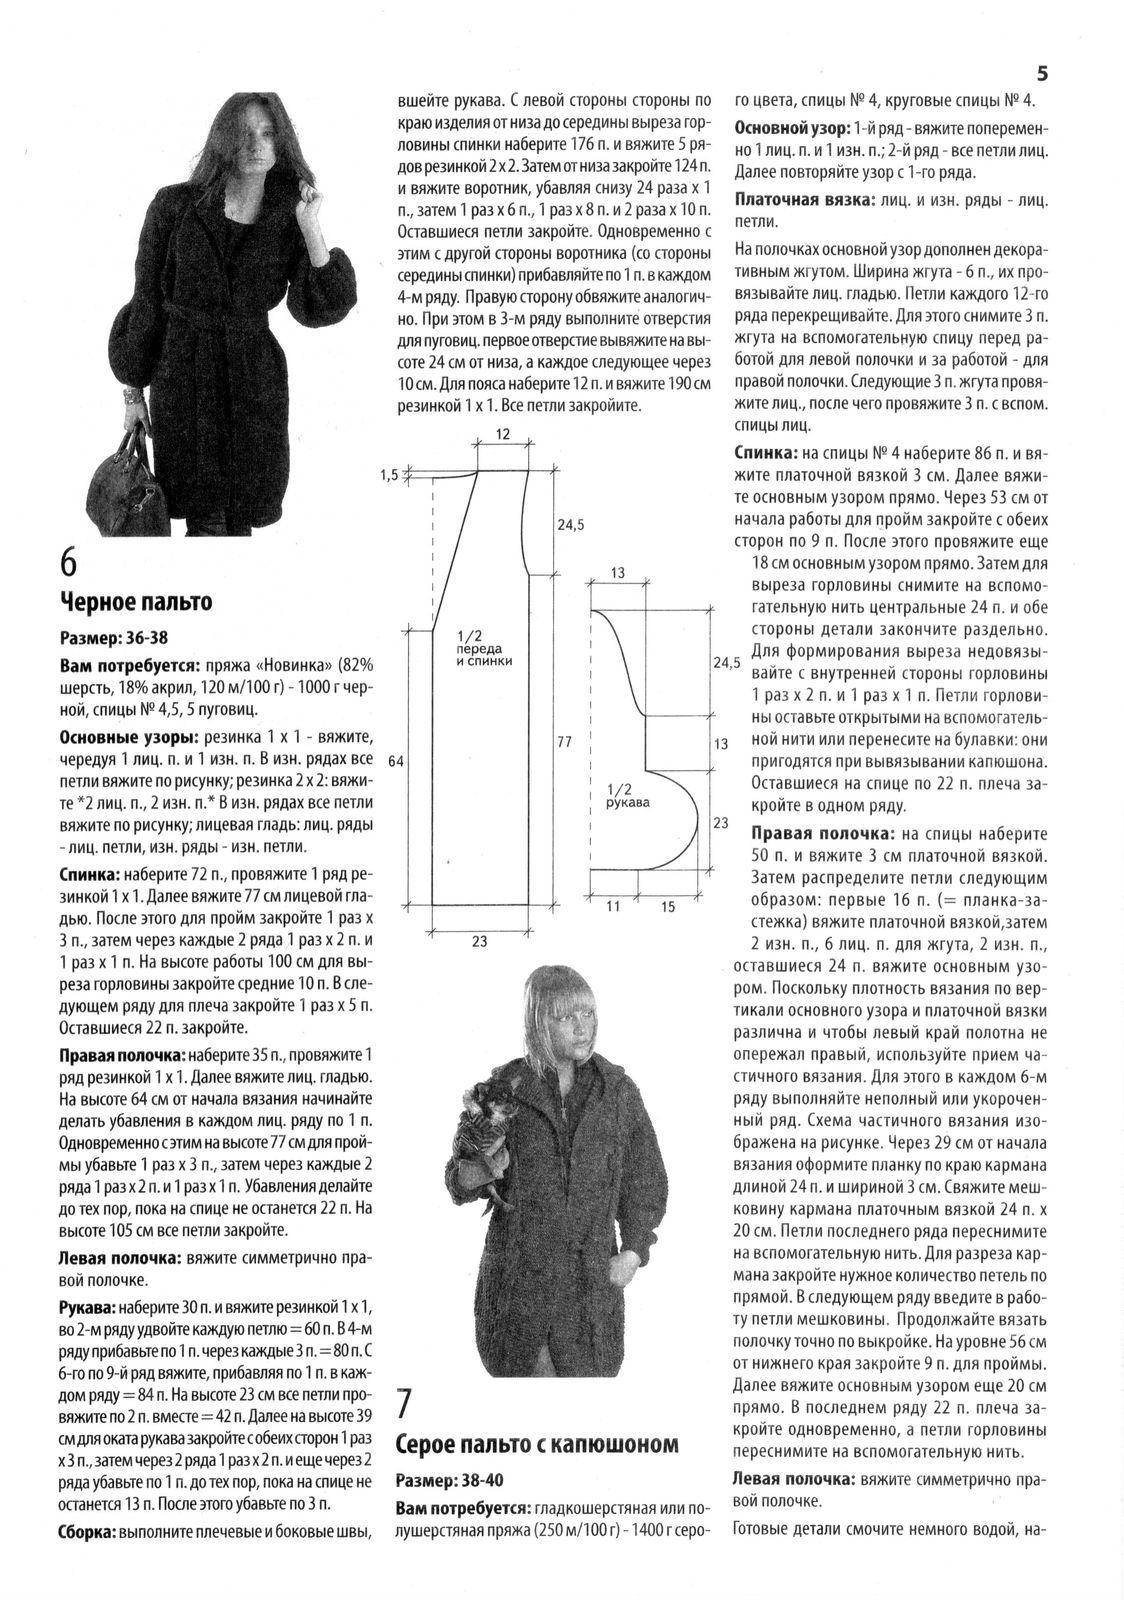 Шалька вязаное пальто вязаное пальто